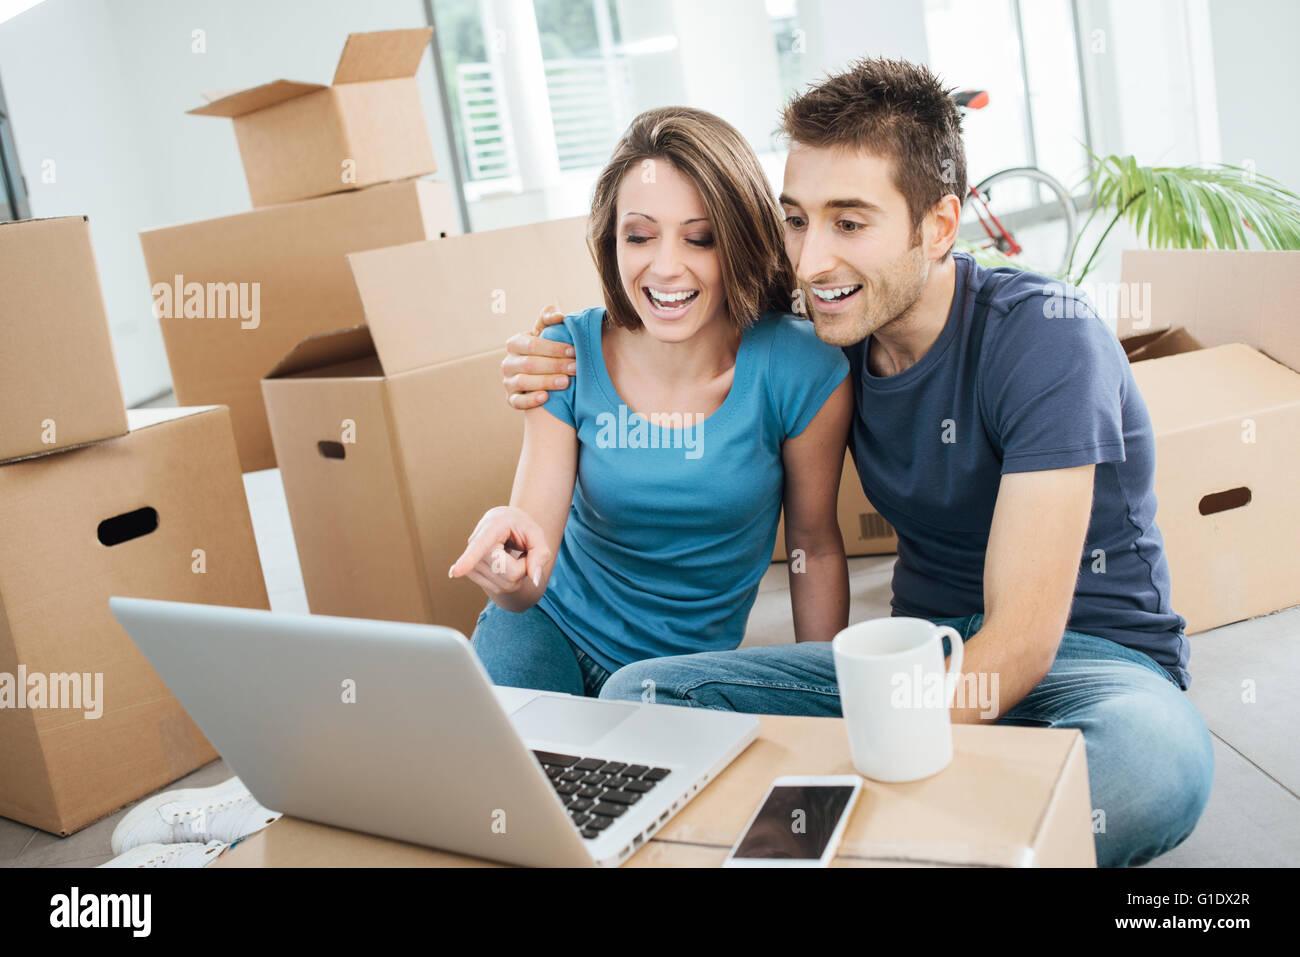 Lächelnde paar sitzt auf ihrem neuen Haus Boden umgeben von Kartons, beobachten sie ein lustiges Video auf Stockbild